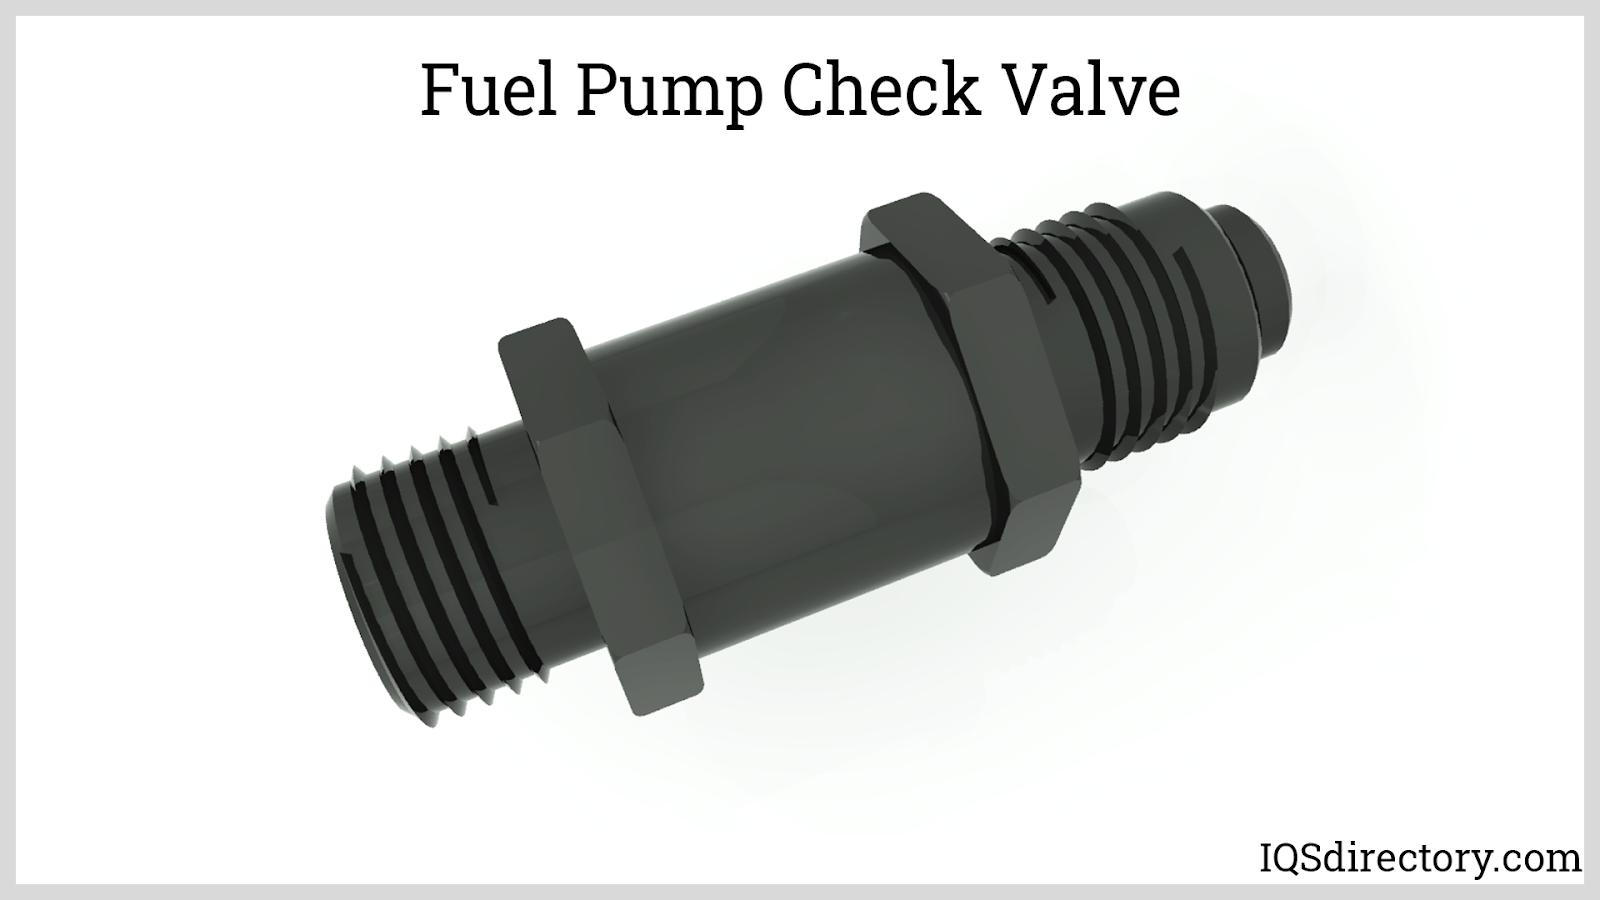 Fuel Pump Check Valve